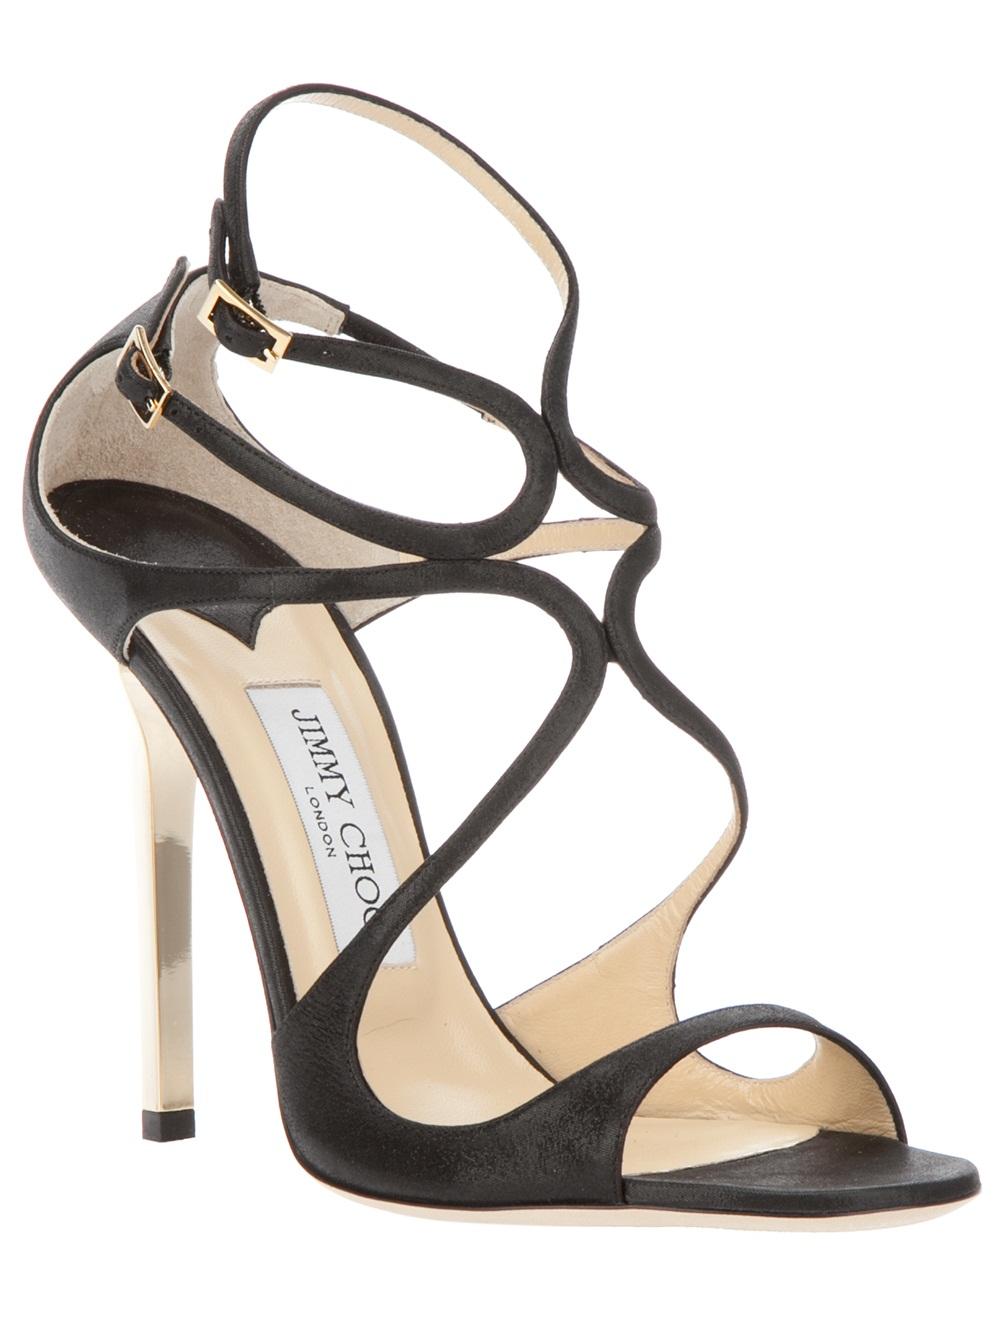 Jimmy Choo 2013 shoes